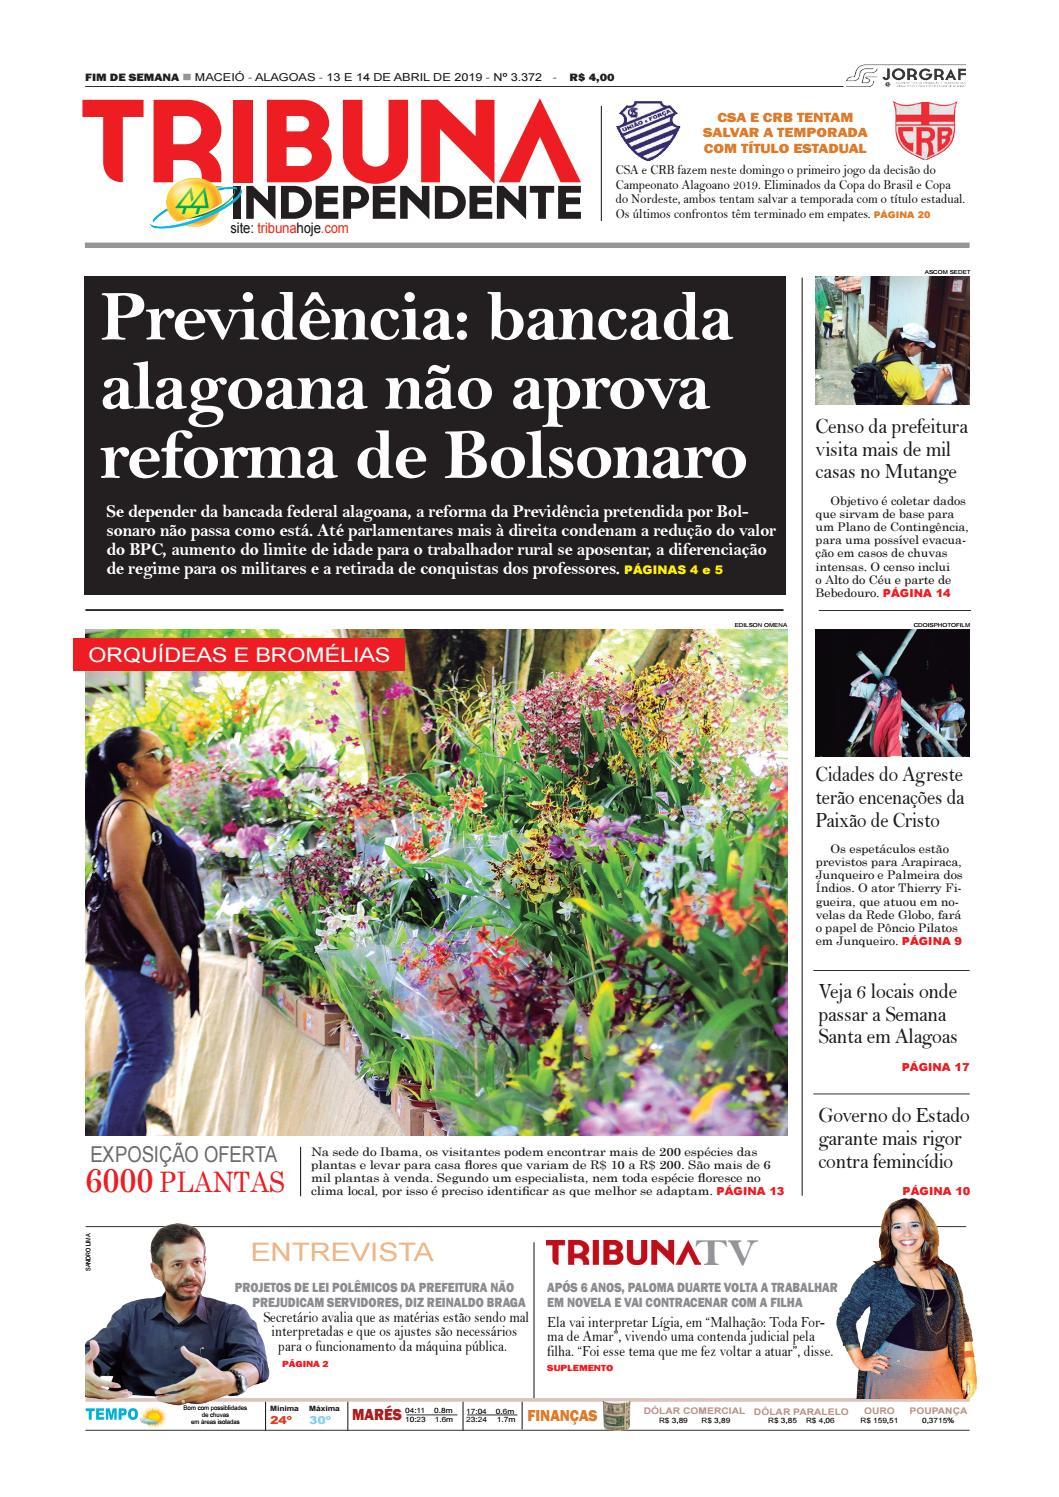 f03afb4f3 Edição número 3372 - 13 e 14 de abril de 2019 by Tribuna Hoje - issuu